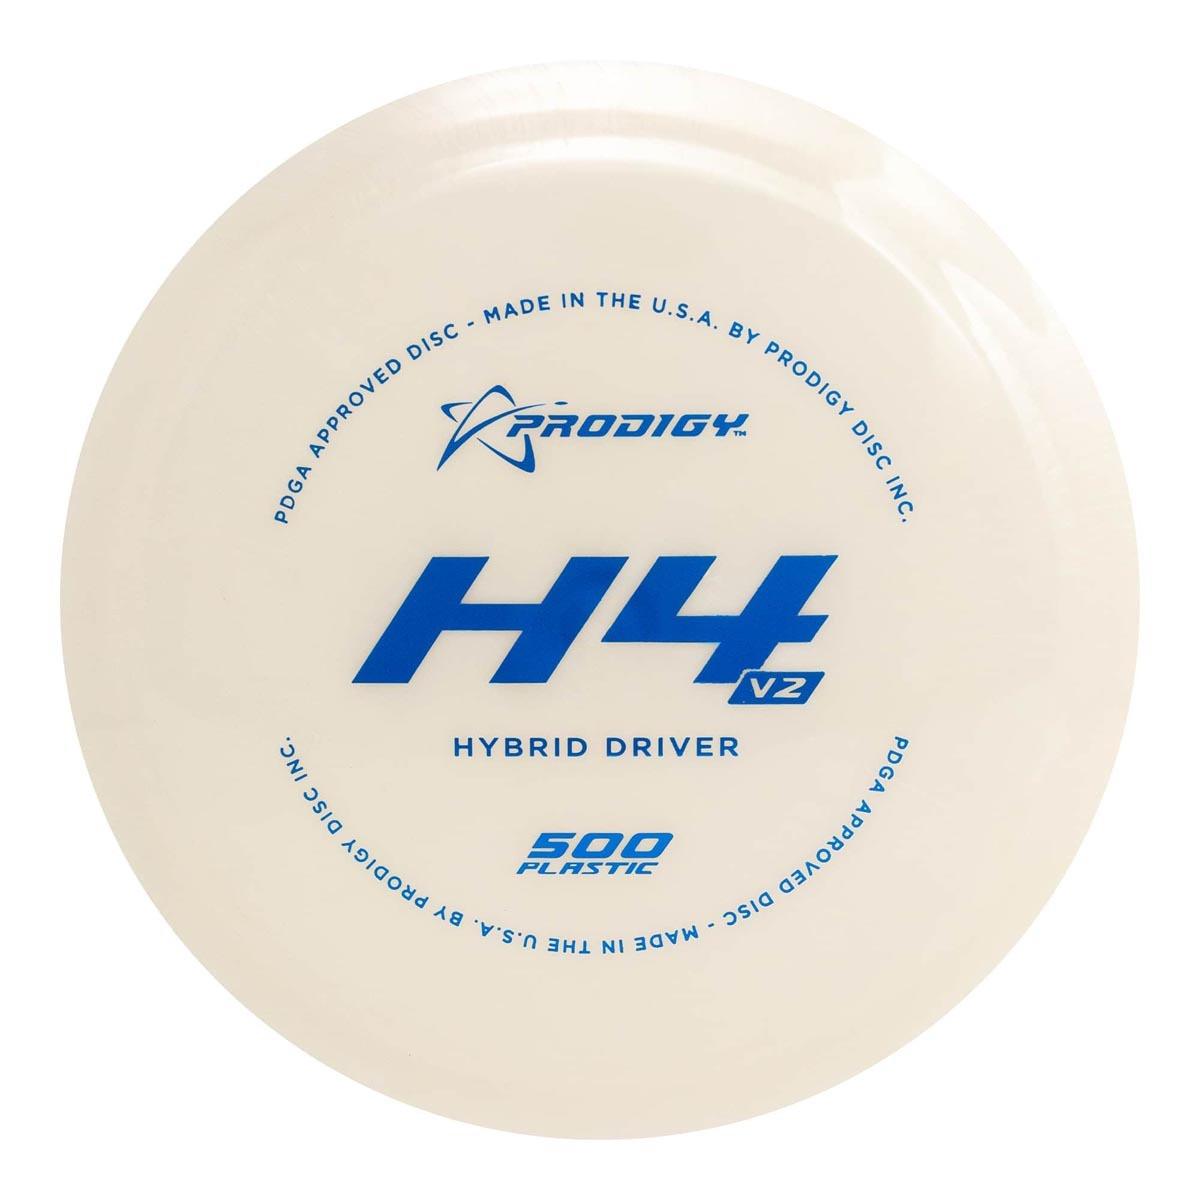 Prodigy 500 H4v2